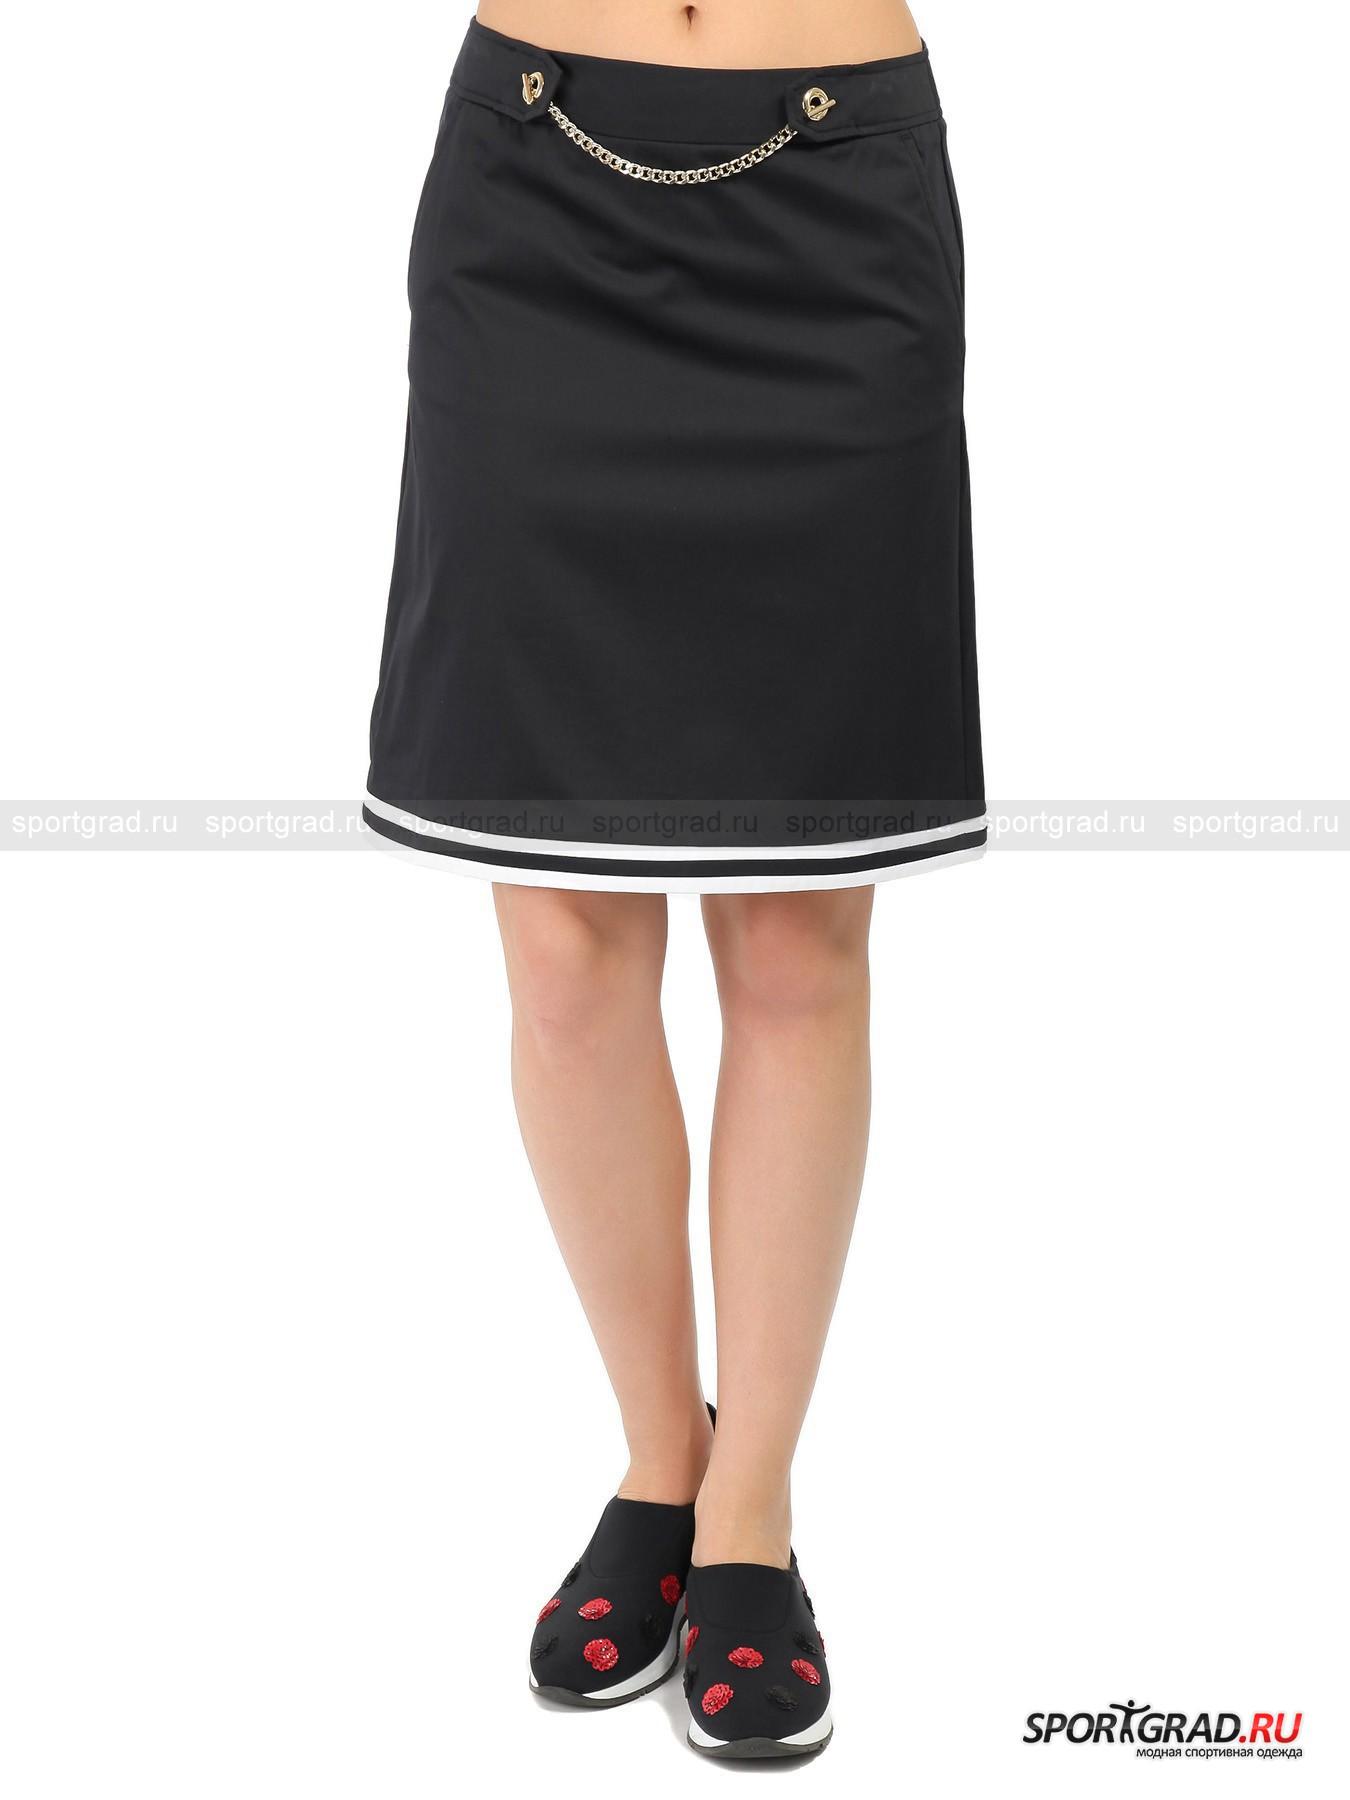 Юбка женская MARINA YACHTINGЮбки<br>Элегантная юбка трапецевидной формы от Marina Yachting – легкая модель из тонкого, но плотного хлопкового полотна с гладкой поверхностью, имеющей красивый атласный отблеск. О любимом маркой «морском» стиле здесь напоминают белые полоски вдоль подола и настоящая цепь, украшающая пояс. При желании цепочку можно легко снять. Модель также имеет два кармана по бокам и молнию сзади для удобного надевания и хорошей посадки.<br><br>Пол: Женский<br>Возраст: Взрослый<br>Тип: Юбки<br>Рекомендации по уходу: ручная стирка; не отбеливать; гладить слегка нагретым утюгом (температура до 110 C); химическая чистка сухим способом; нельзя выжимать и сушить в стиральной машине<br>Состав: 96% хлопок, 4% эластан